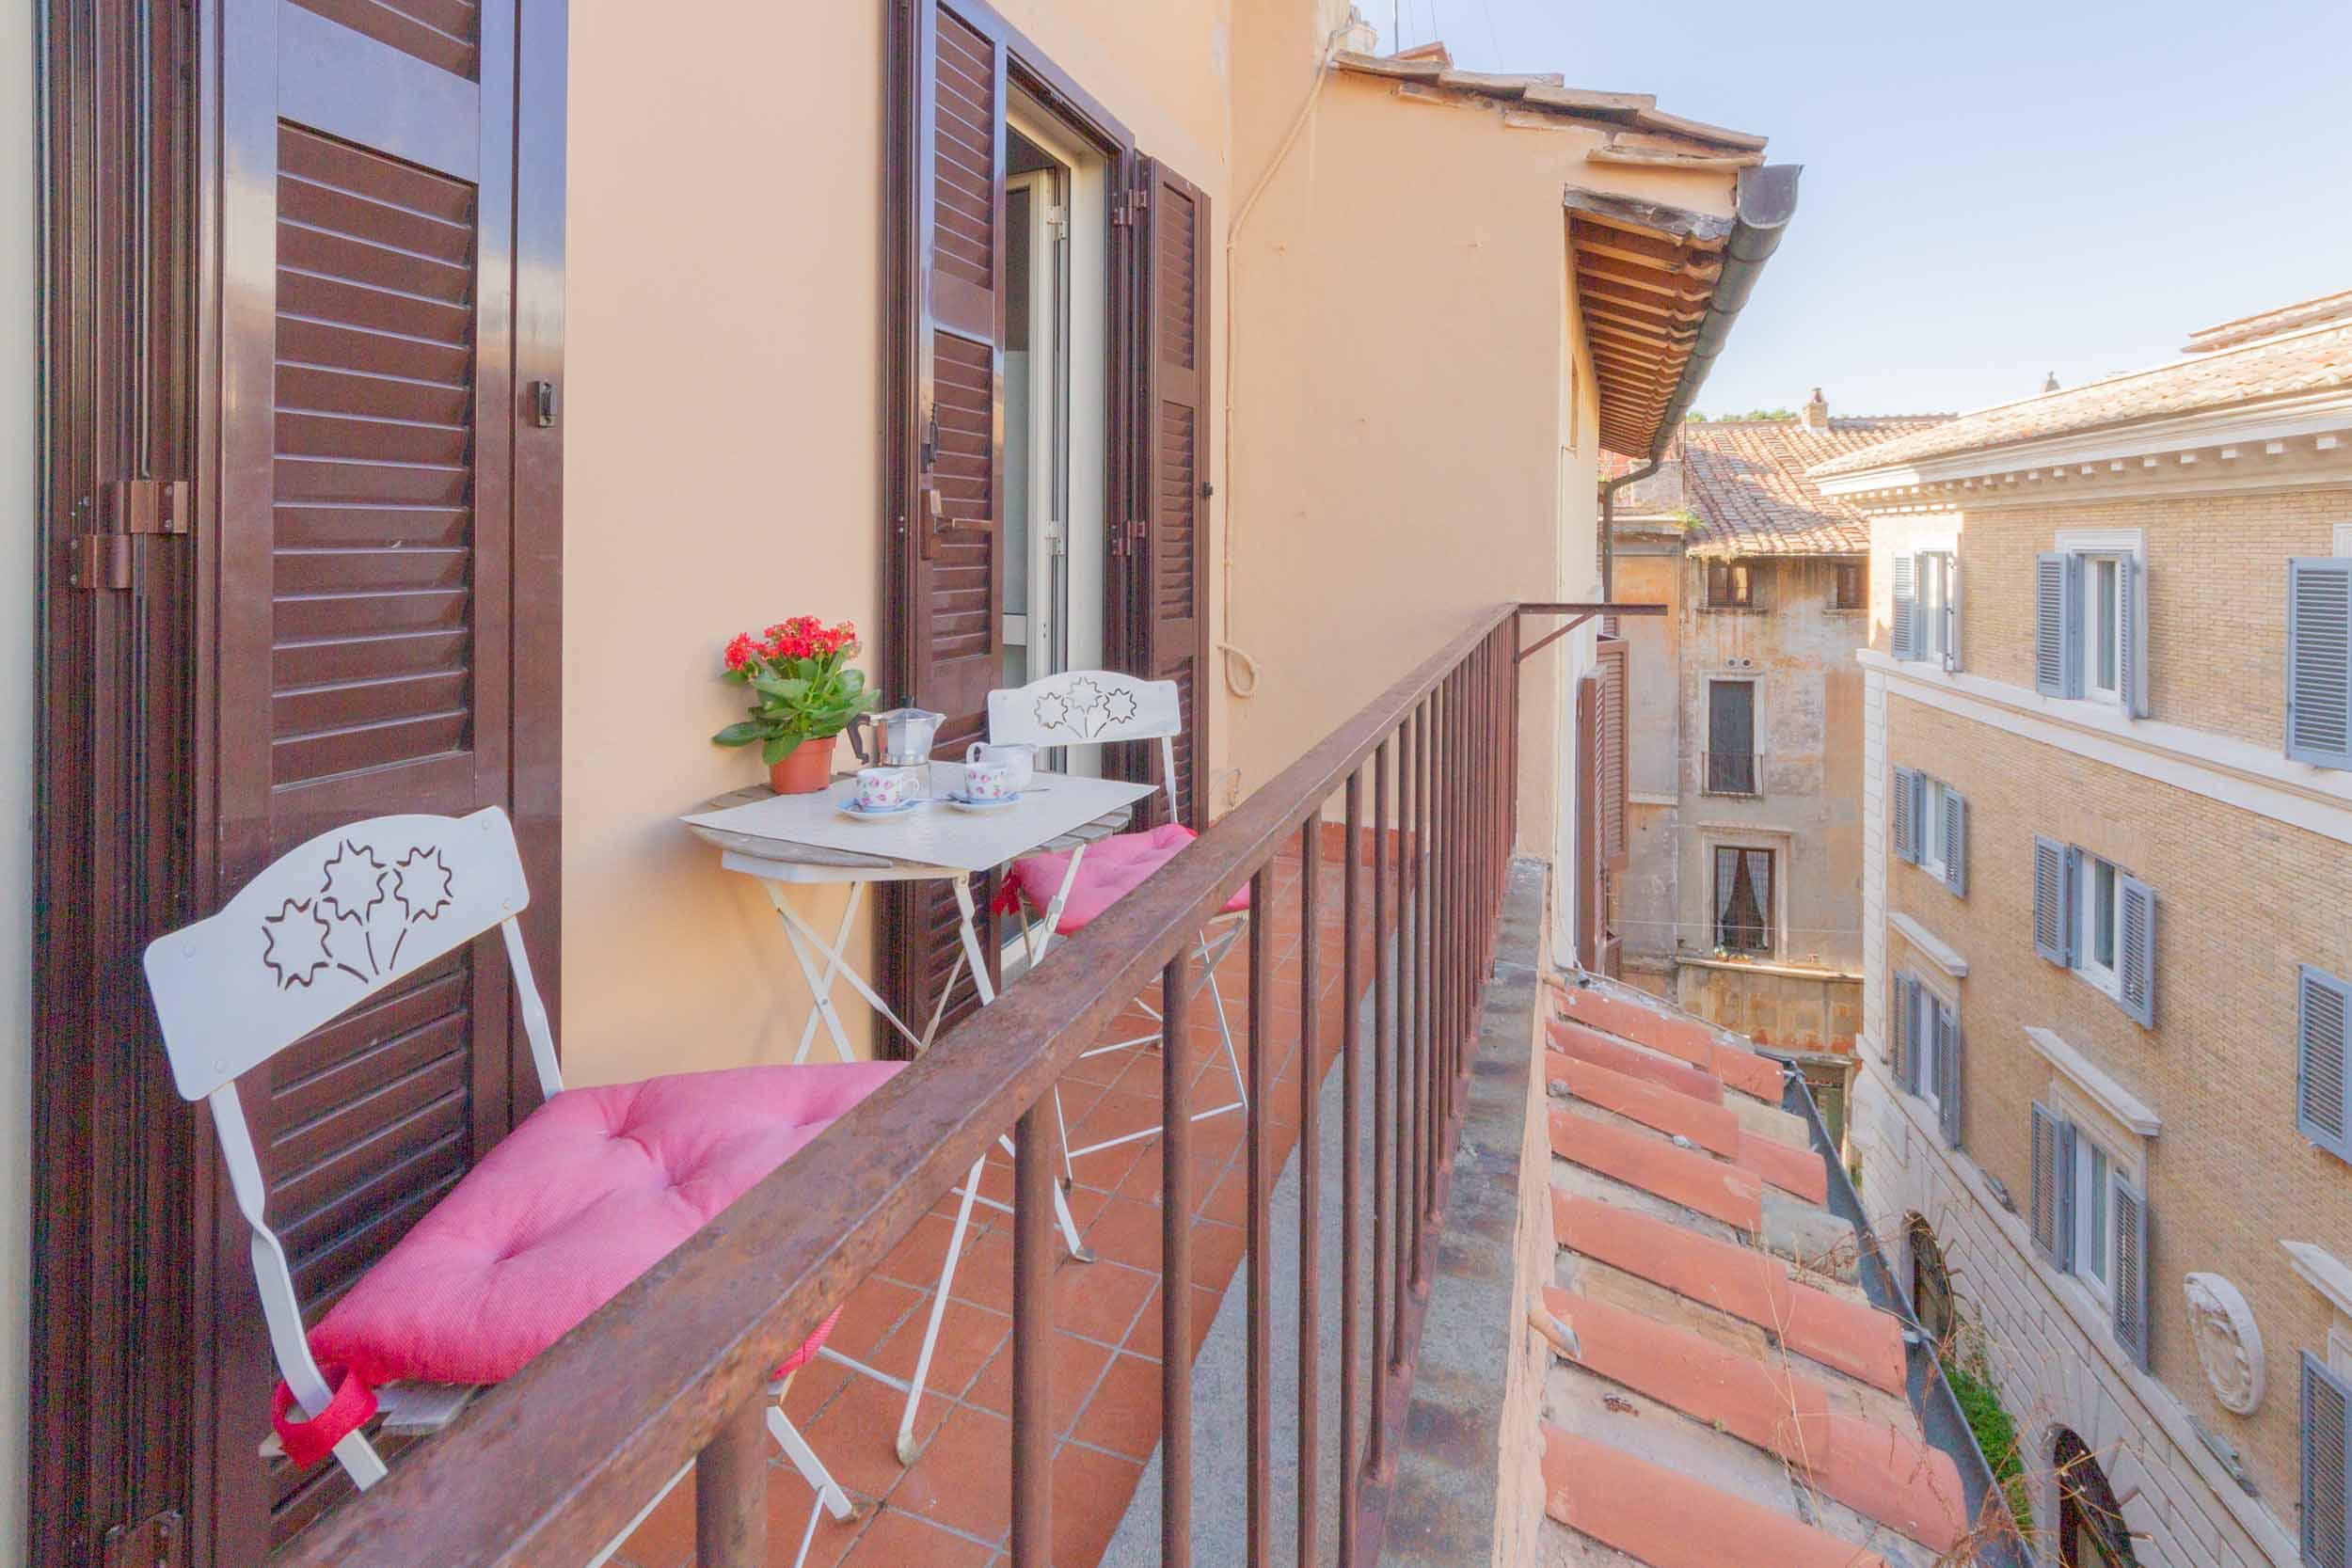 Appartamento Roma vicino Piazza Navona: 50 mq nel cuore della Capitale